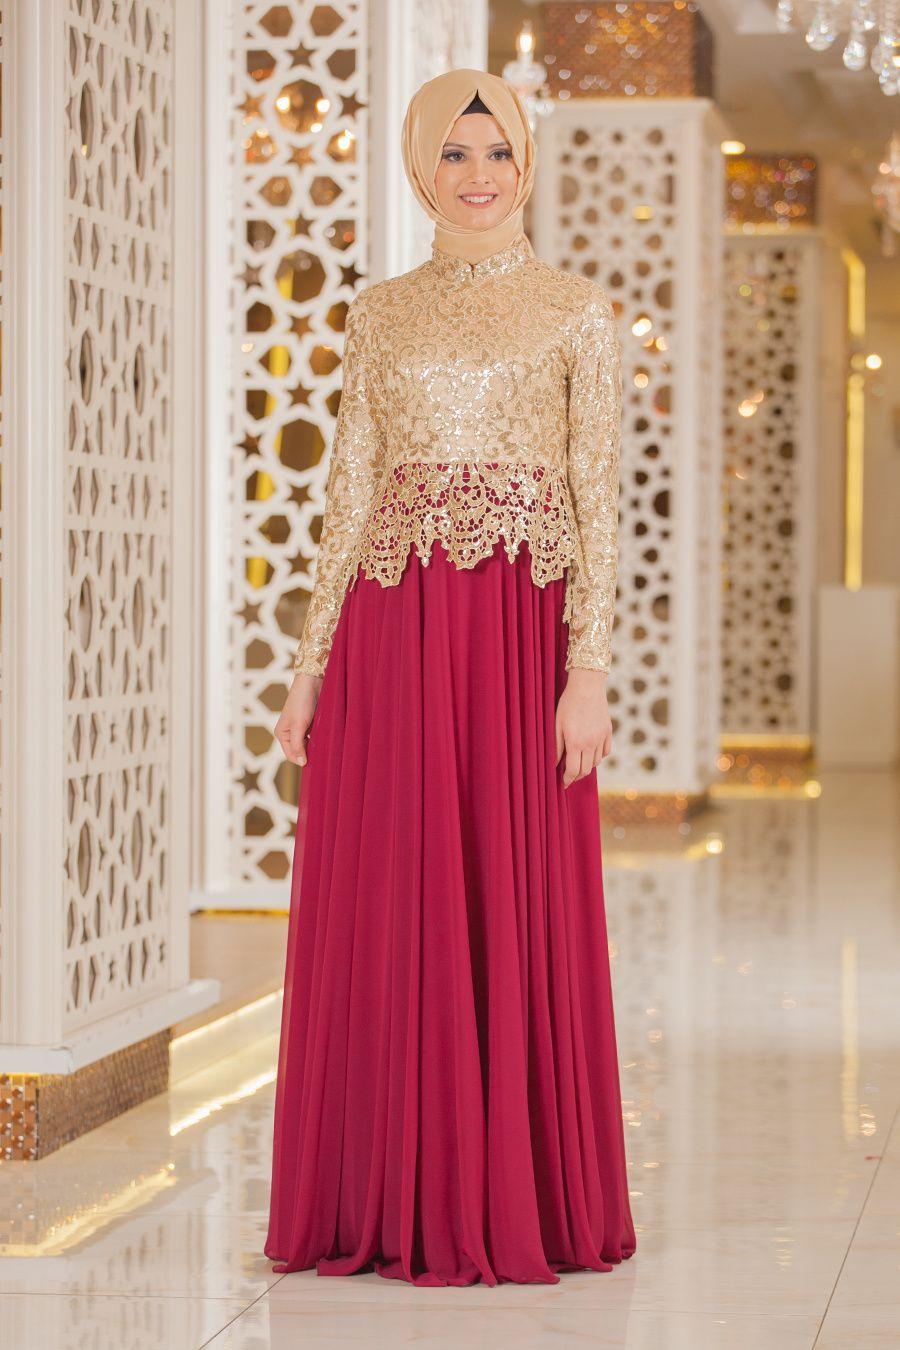 Pin by Siti Rahma on contoh baju   Pinterest   Brokat, Muslim dress ...